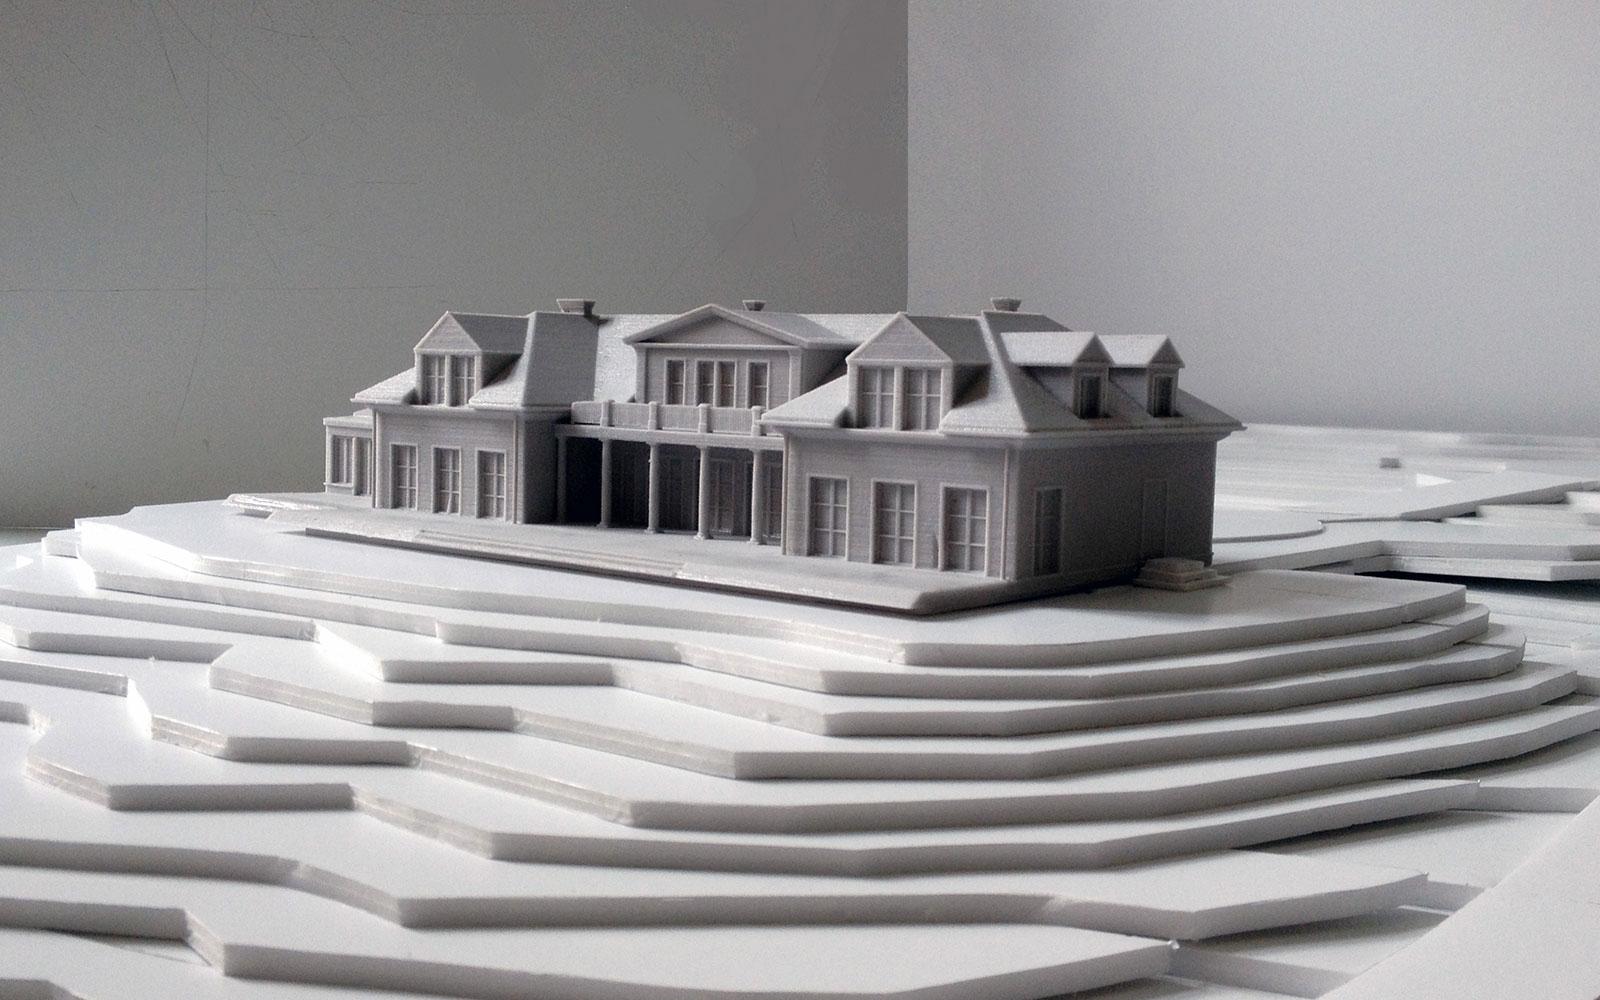 Pracownia Architektoniczna with regard to Er Design